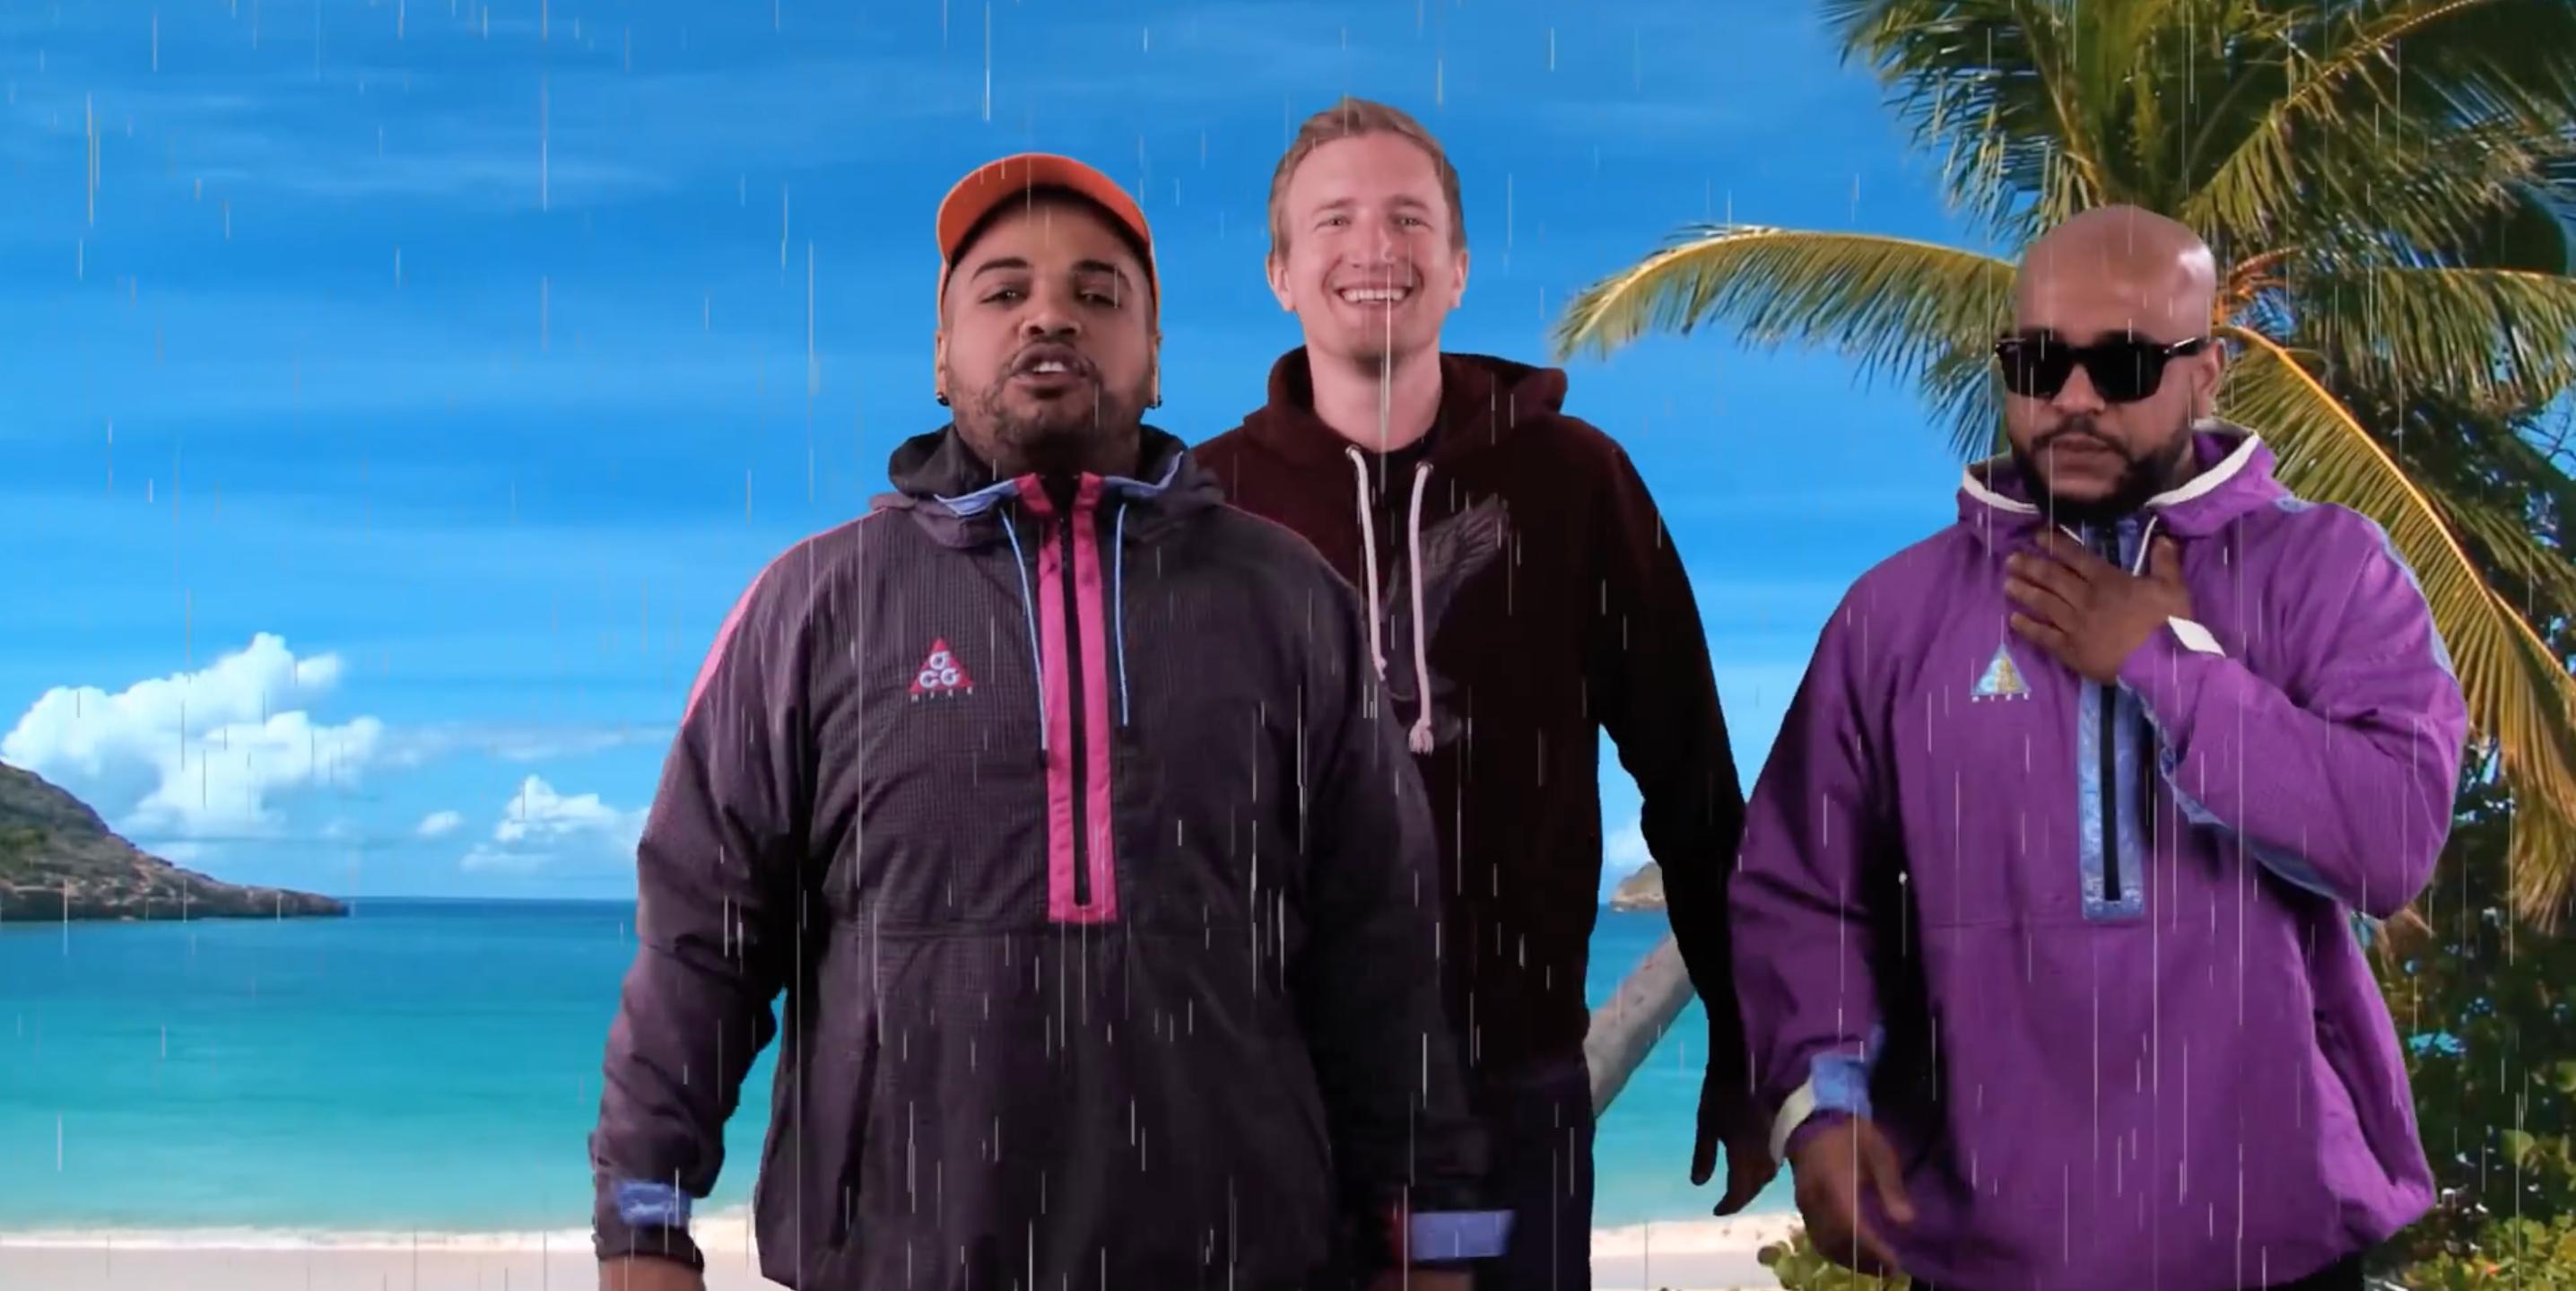 «Scheiss Rege» – Wenn Comedy, Reggae und Rapper aufeinandertreffen